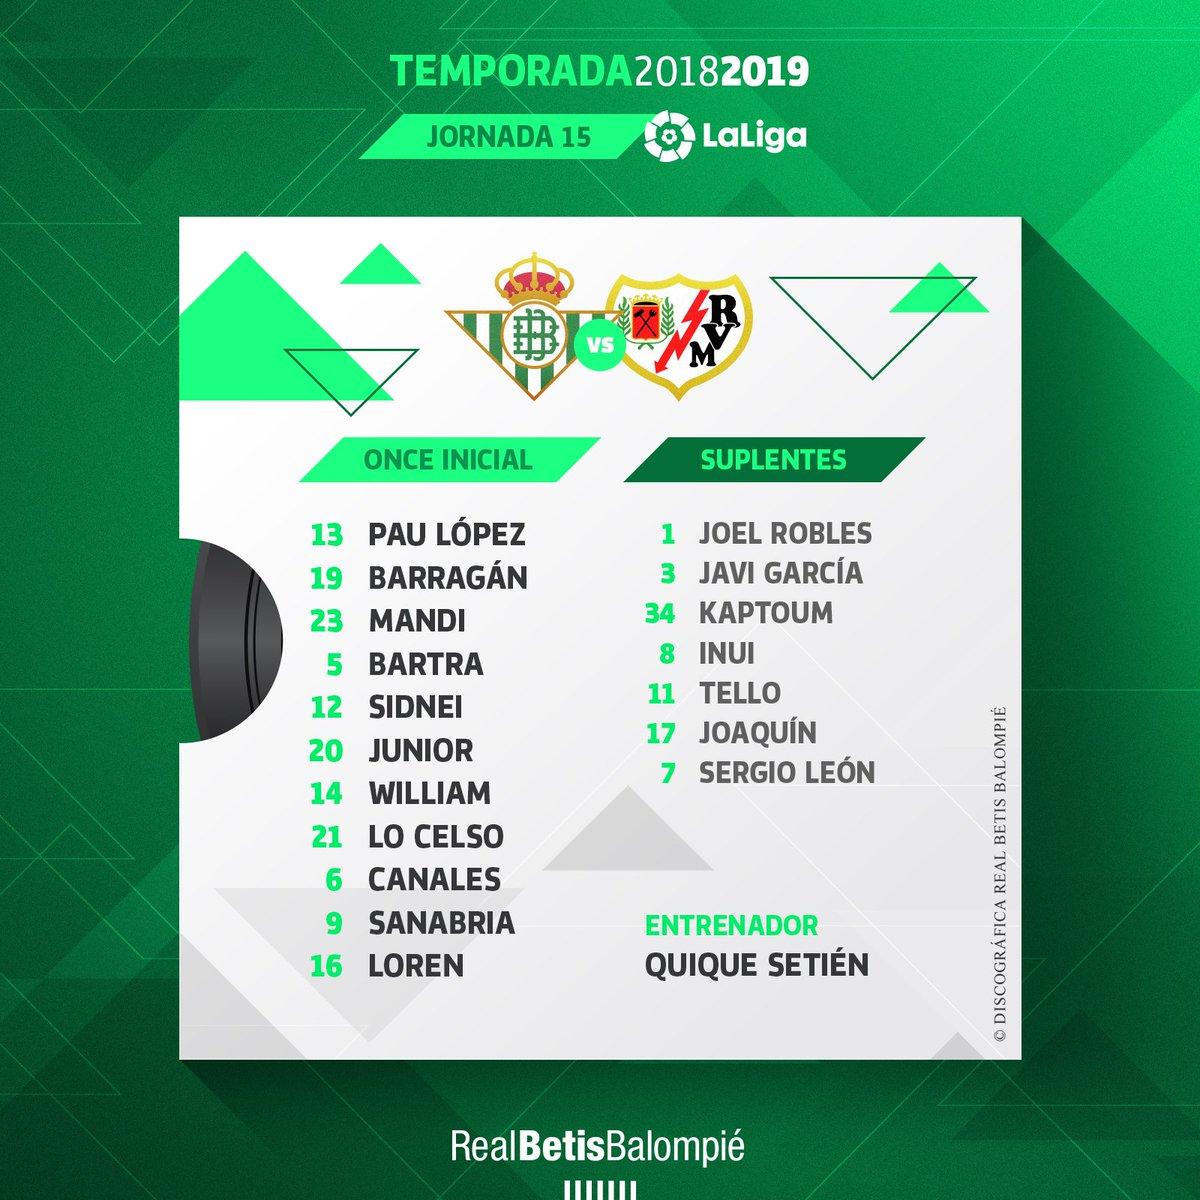 #España 🇪🇸 #LaLiga #RealBetis con Antonio Tonny Sanabria @TSanabria9 titular, sustituido a los 81', derrotó de local 2-0 #RayoVallecano